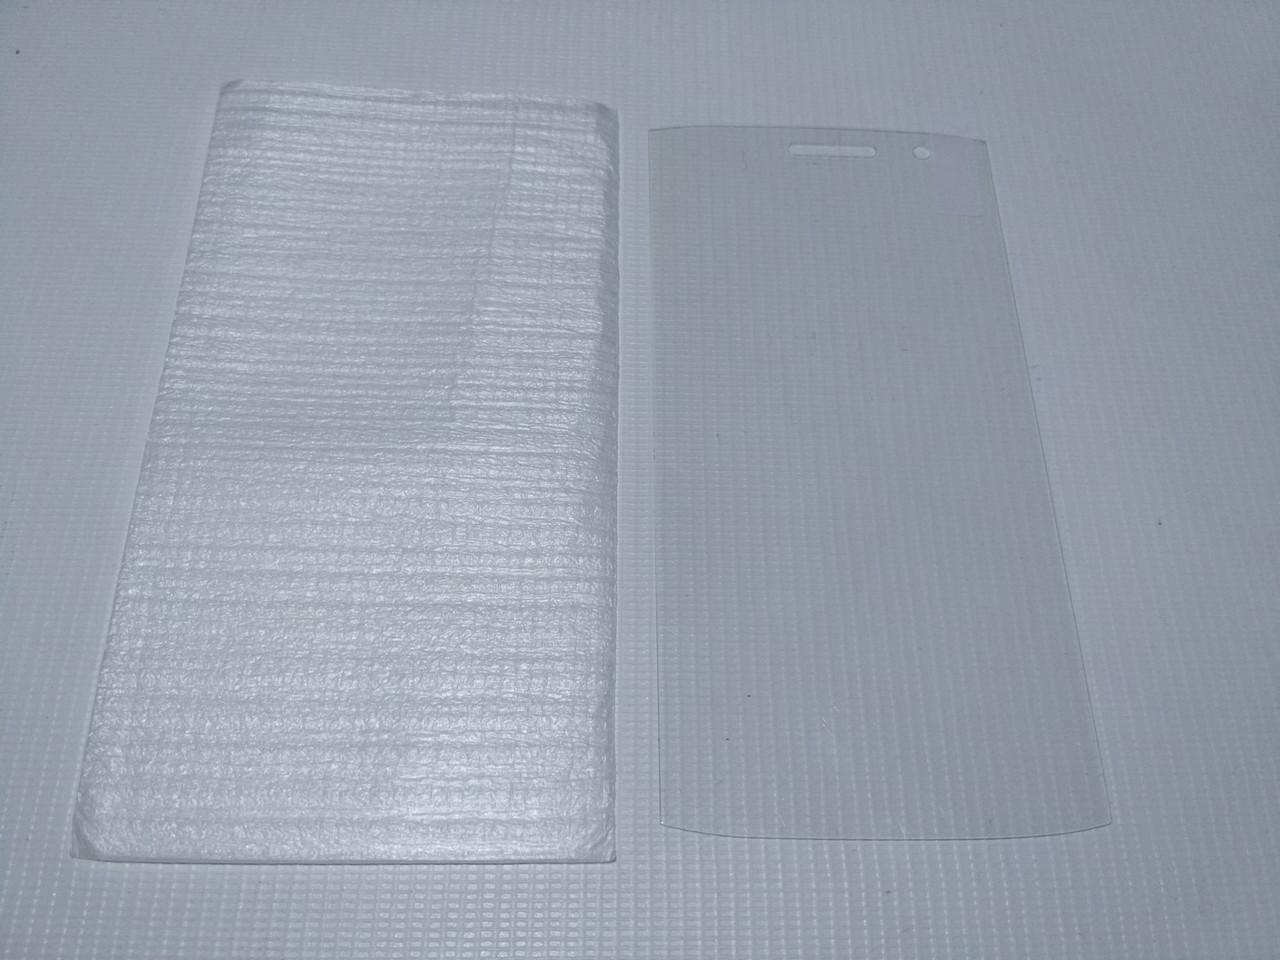 Защитное стекло для Homtom HT7, HT7 Pro, Ergo A550 Maxx